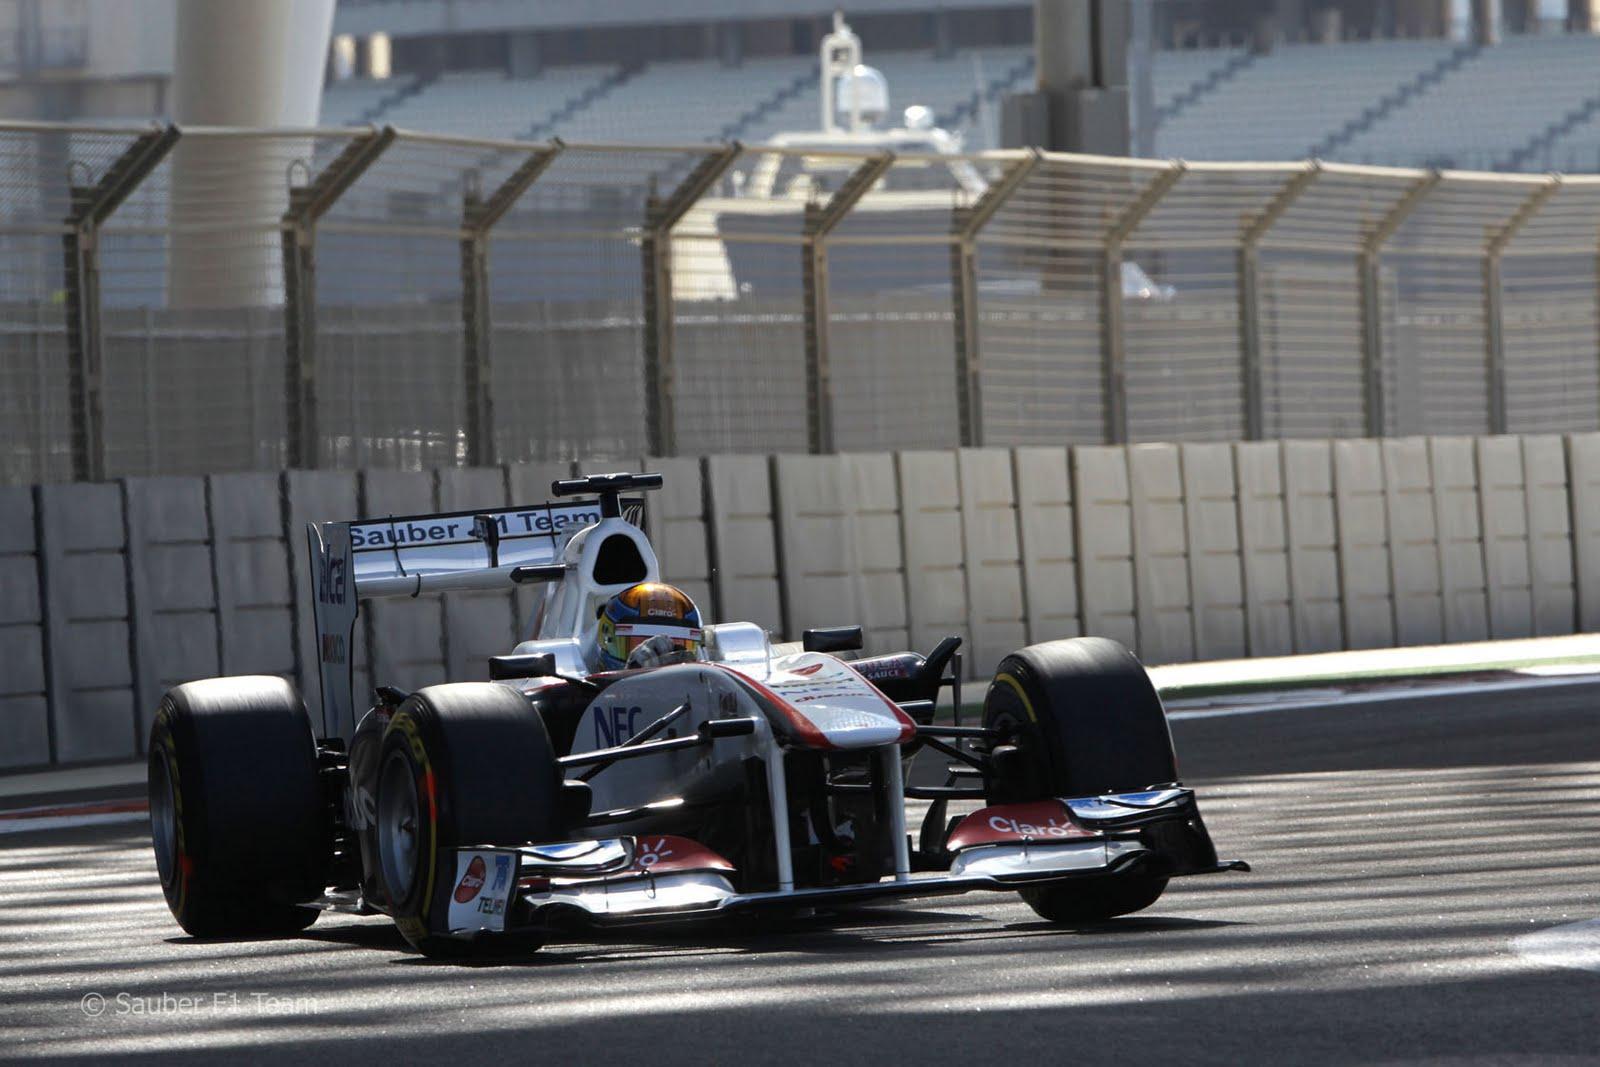 http://2.bp.blogspot.com/-J6wXnl8NAzw/TuvfDqq25xI/AAAAAAAAByI/KxjIJpgmvmw/s1600/F1_2011_Test_YasMarina_Gutierrez_Sauber_18.jpg